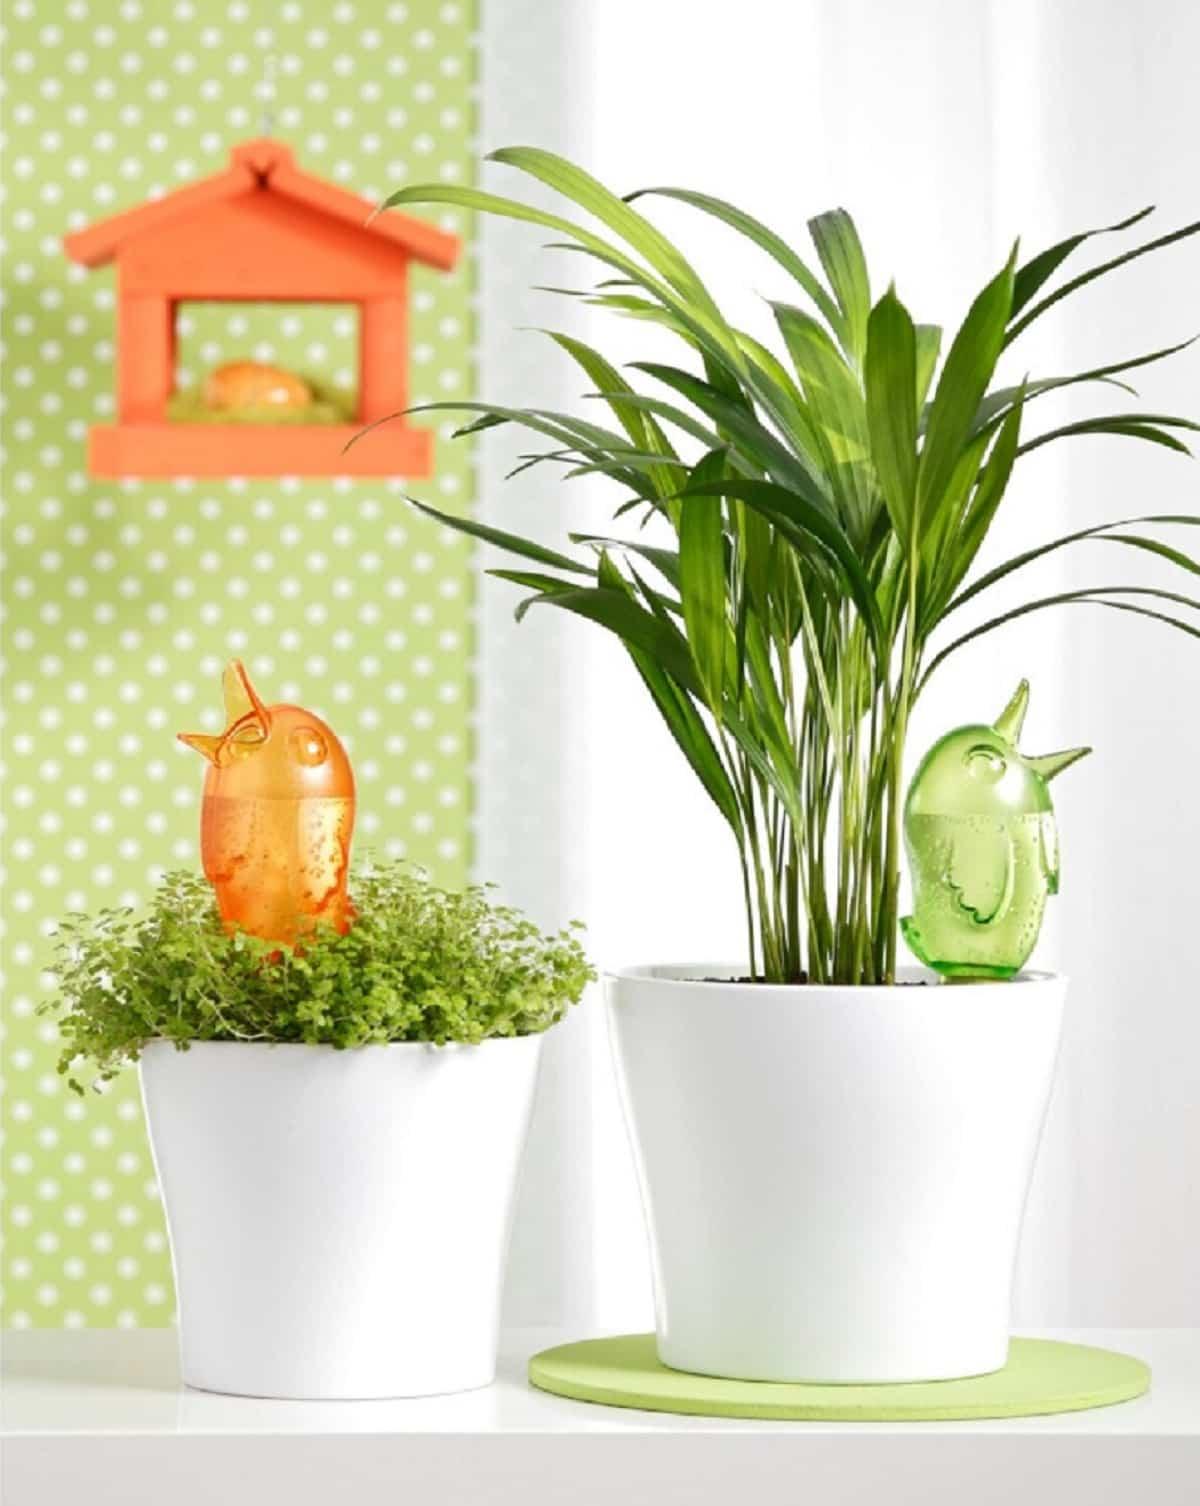 trucos para regar las plantas si te vas de vacaciones 6